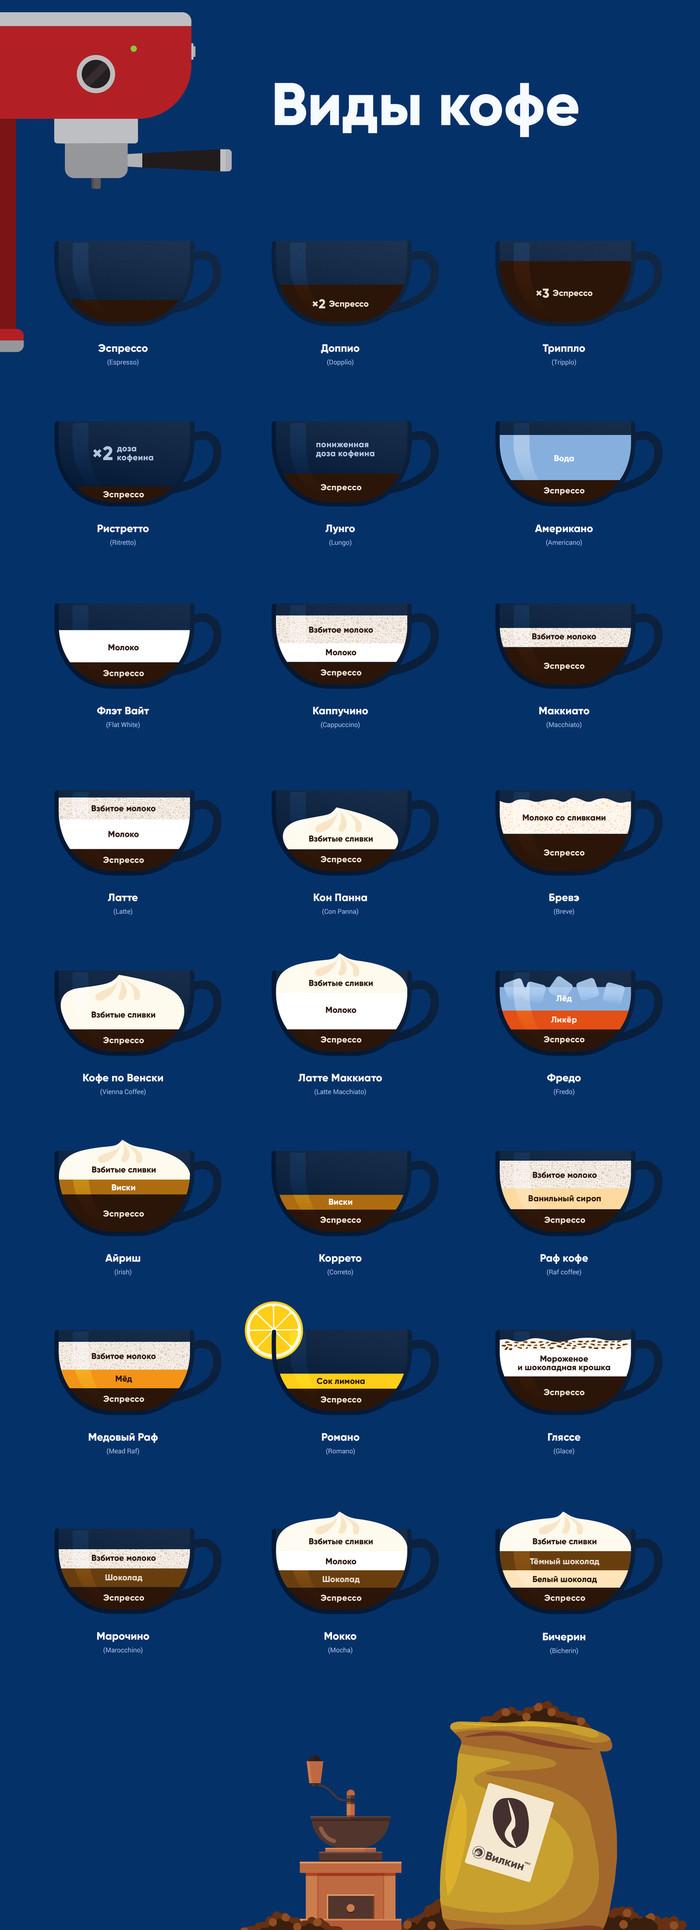 Виды кофе и кофейных напитков Инфографика, Кофе, Длиннопост